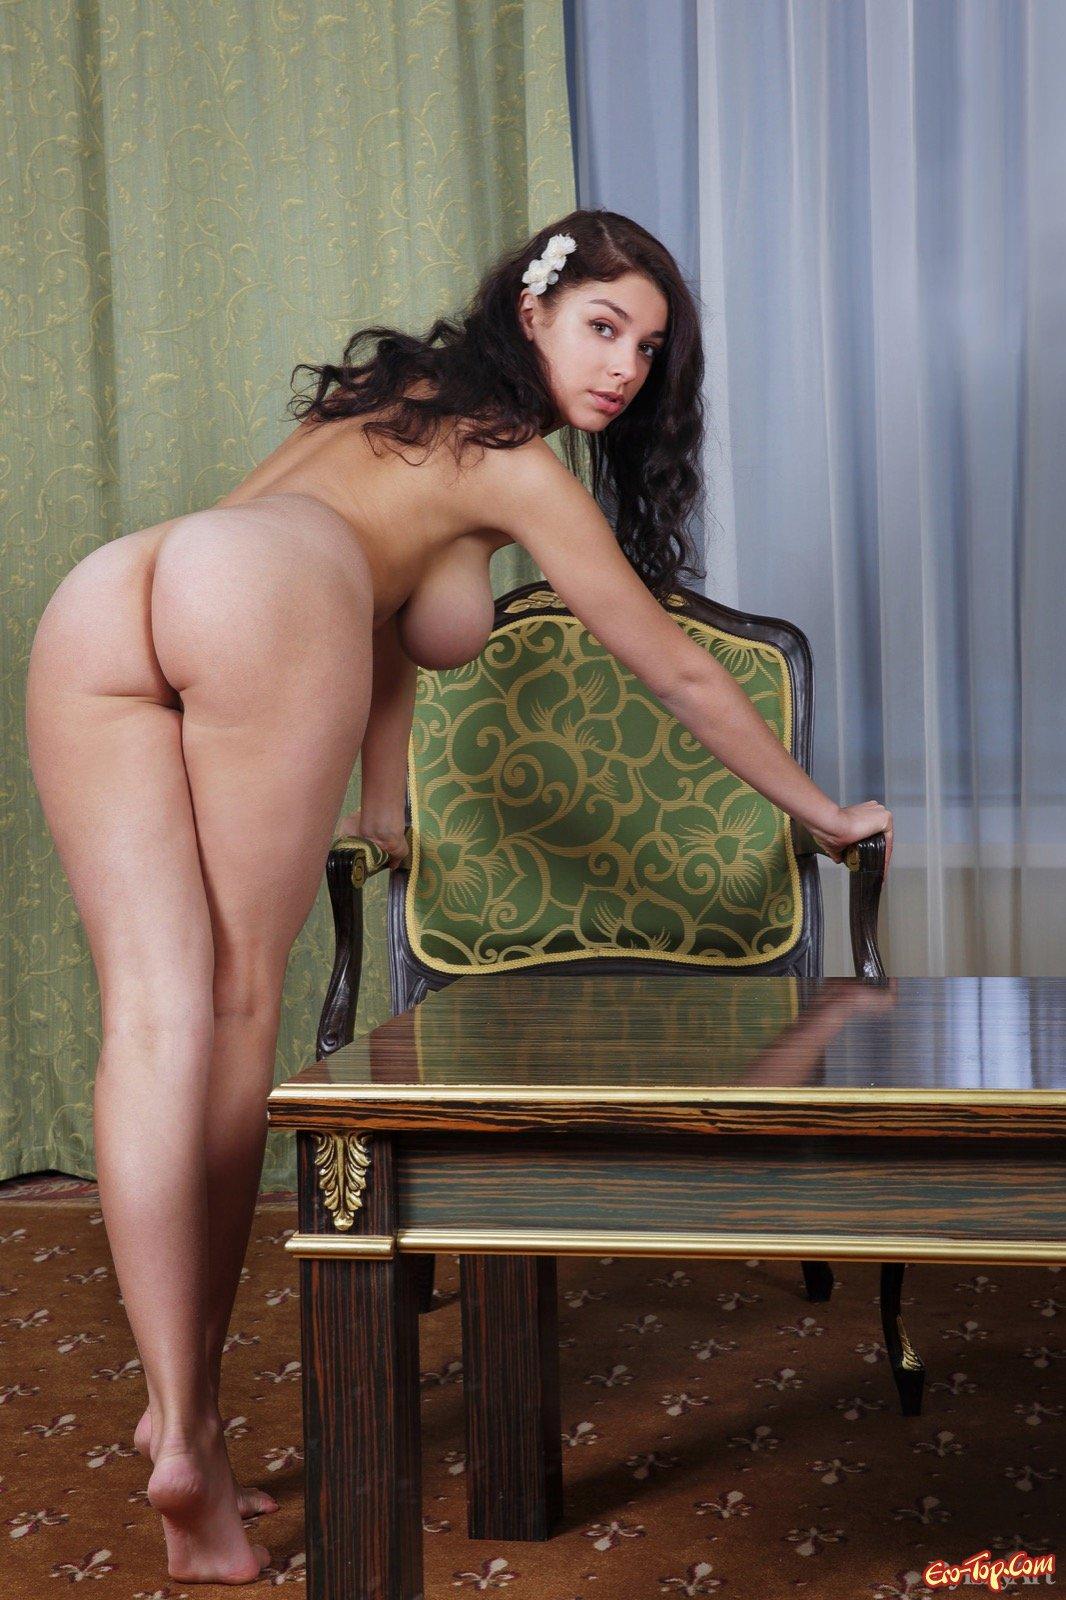 Нагая баба с роскошной жопой и крупными грудями